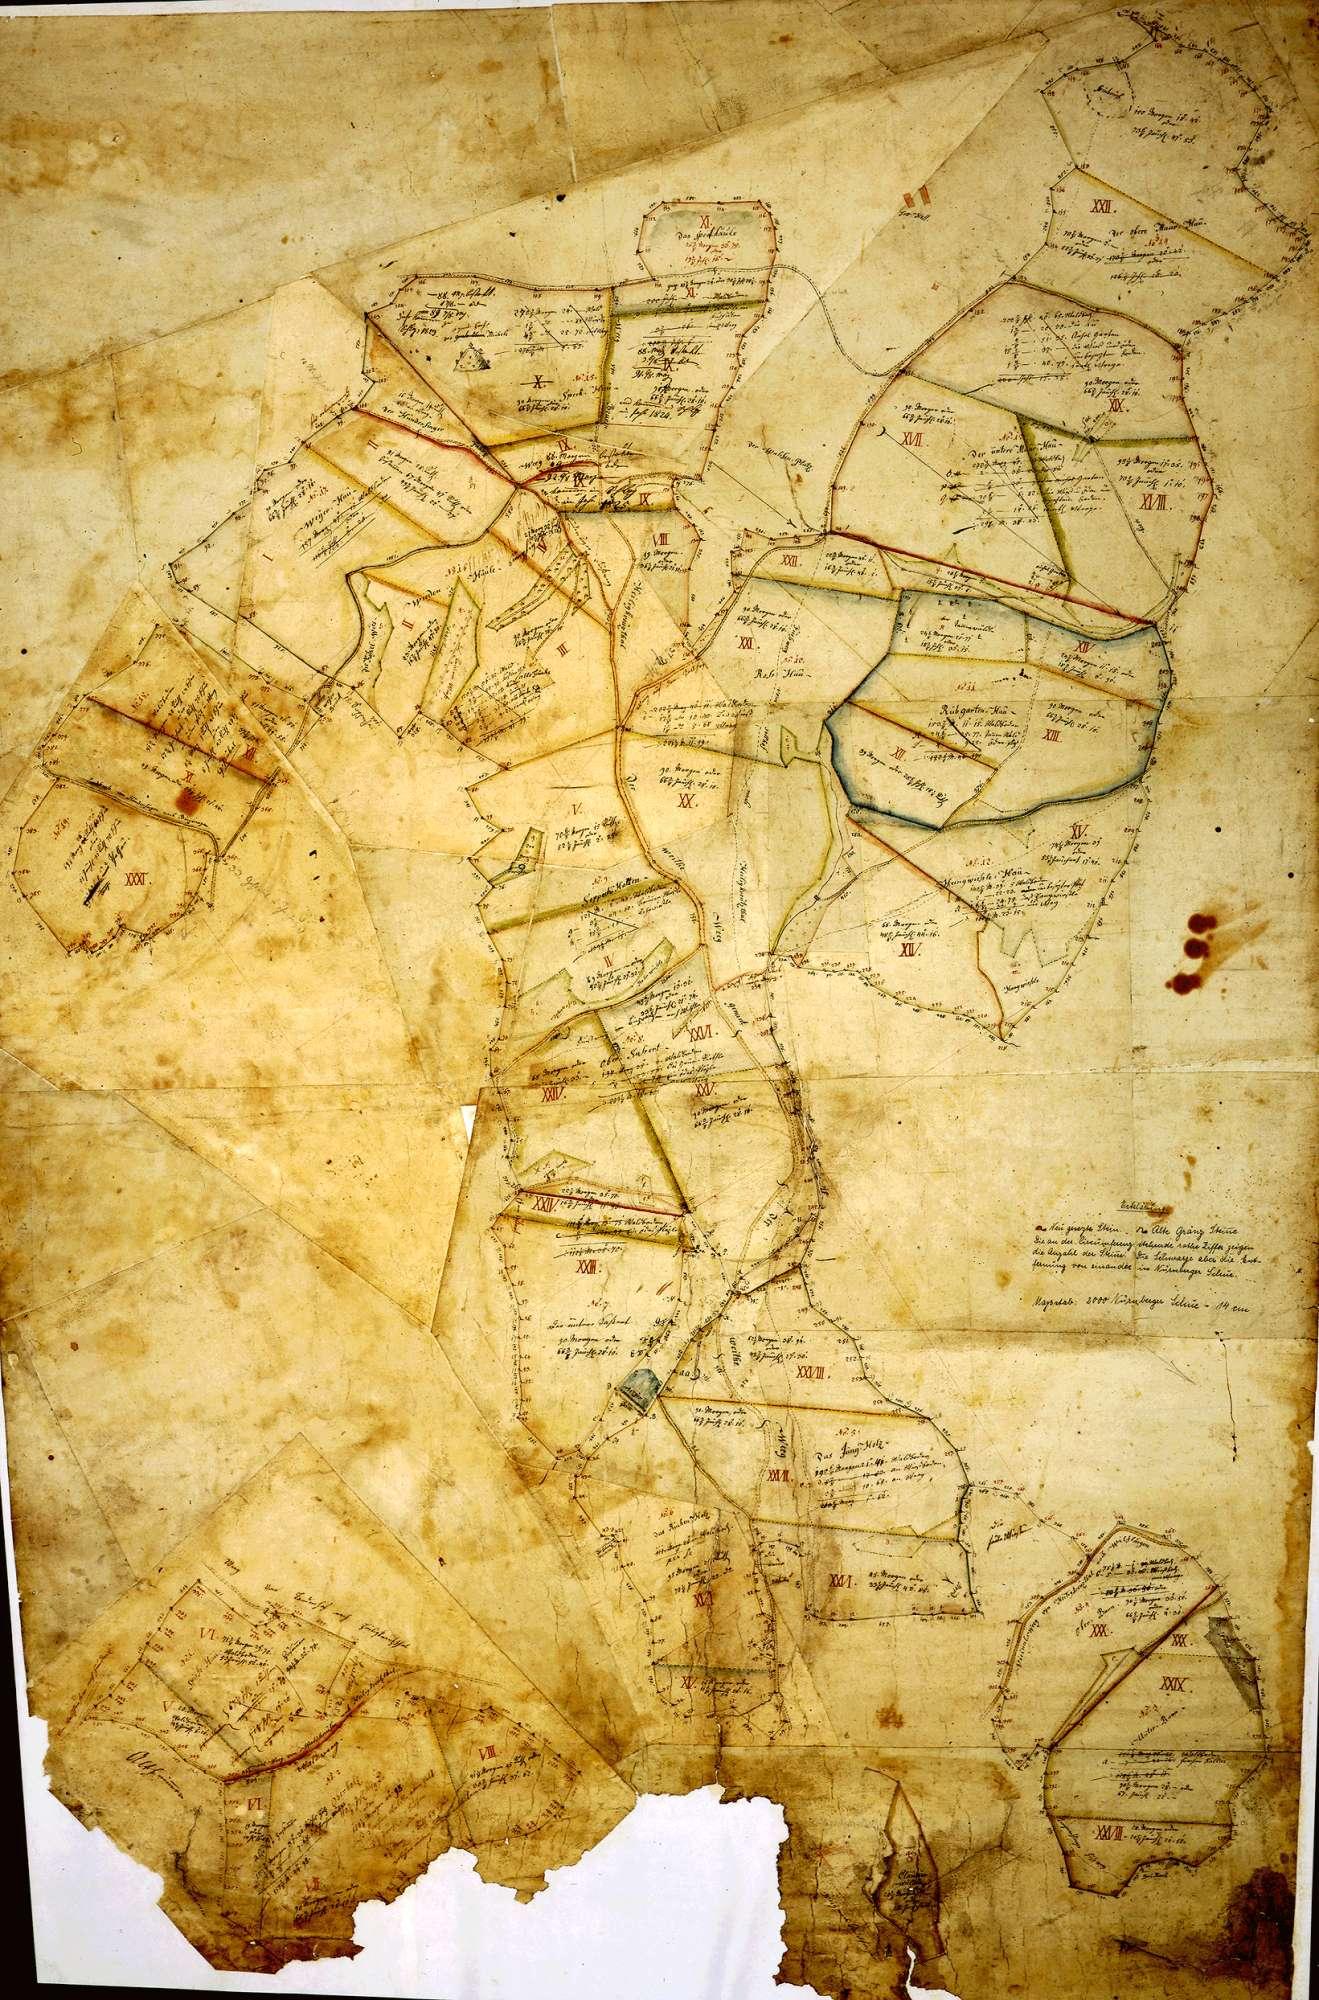 o. T. [General- und Spezialkarte über die königlich Württembergischen Waldungen bei Heiligkreuztal] [Titel der Ausfertigung zu dieser Karte (N 13 Nr. 12)], Bild 1